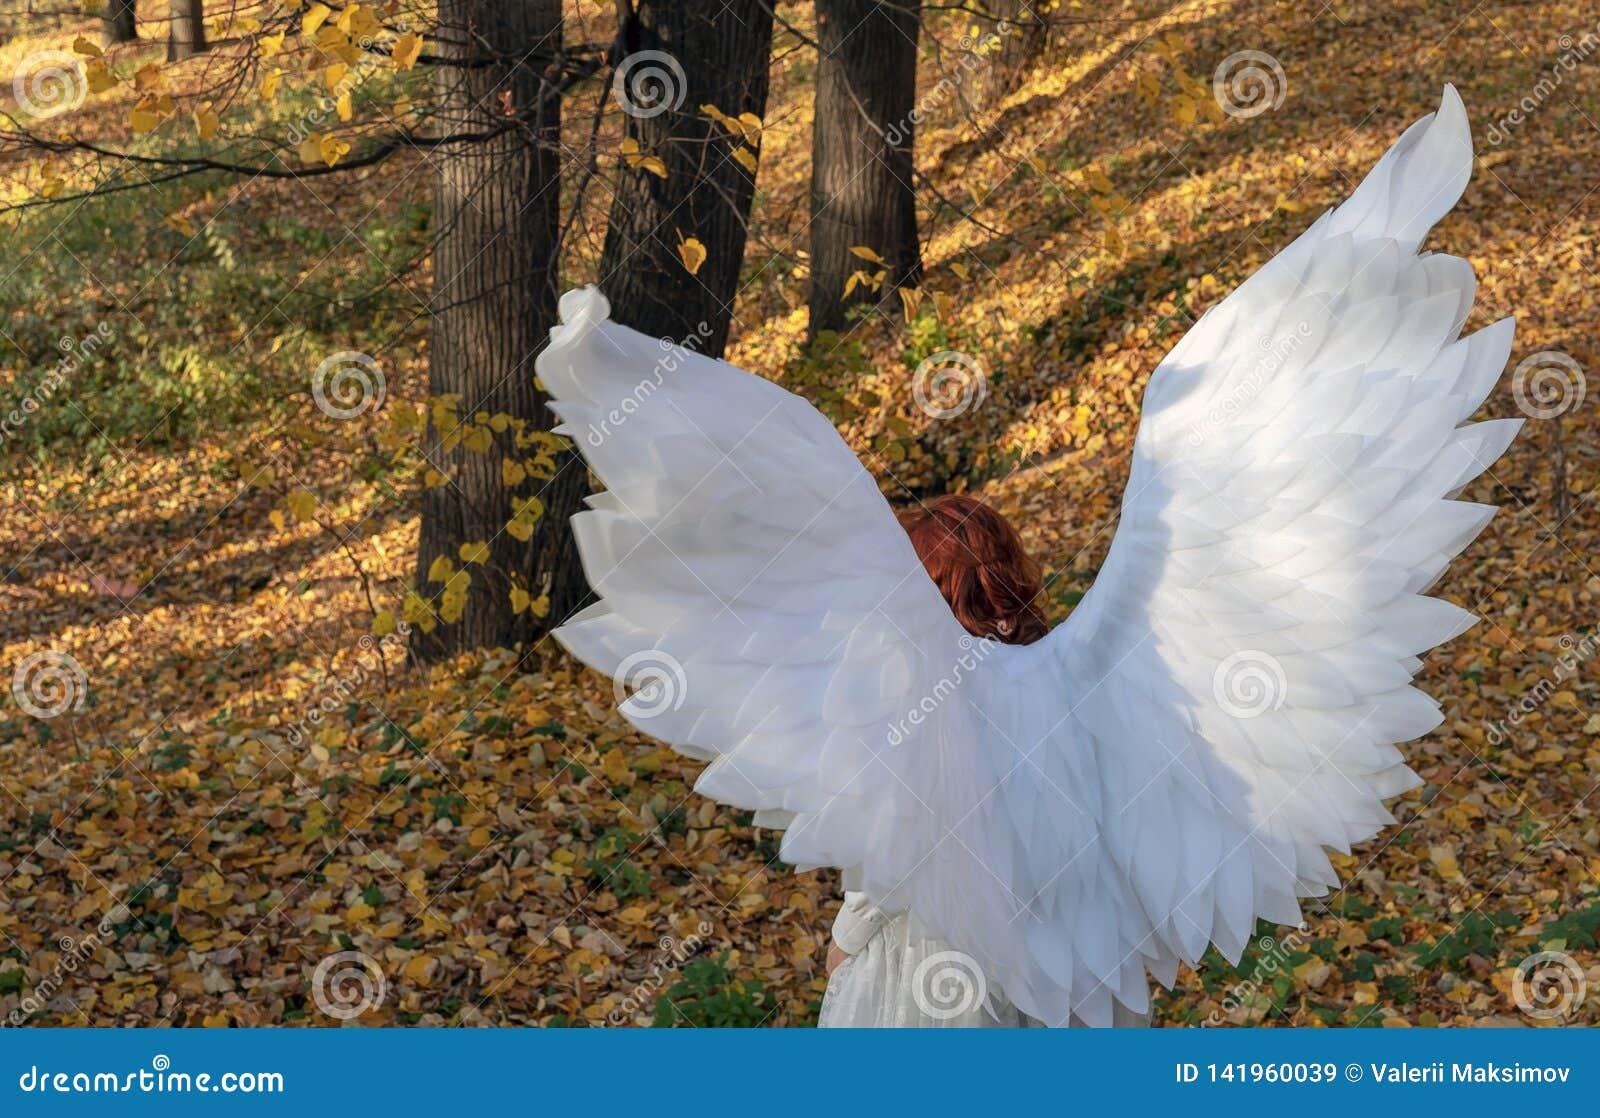 Μια γυναίκα σε ένα άσπρο κοστούμι αγγέλου σε ένα υπόβαθρο του τοπίου φθινοπώρου